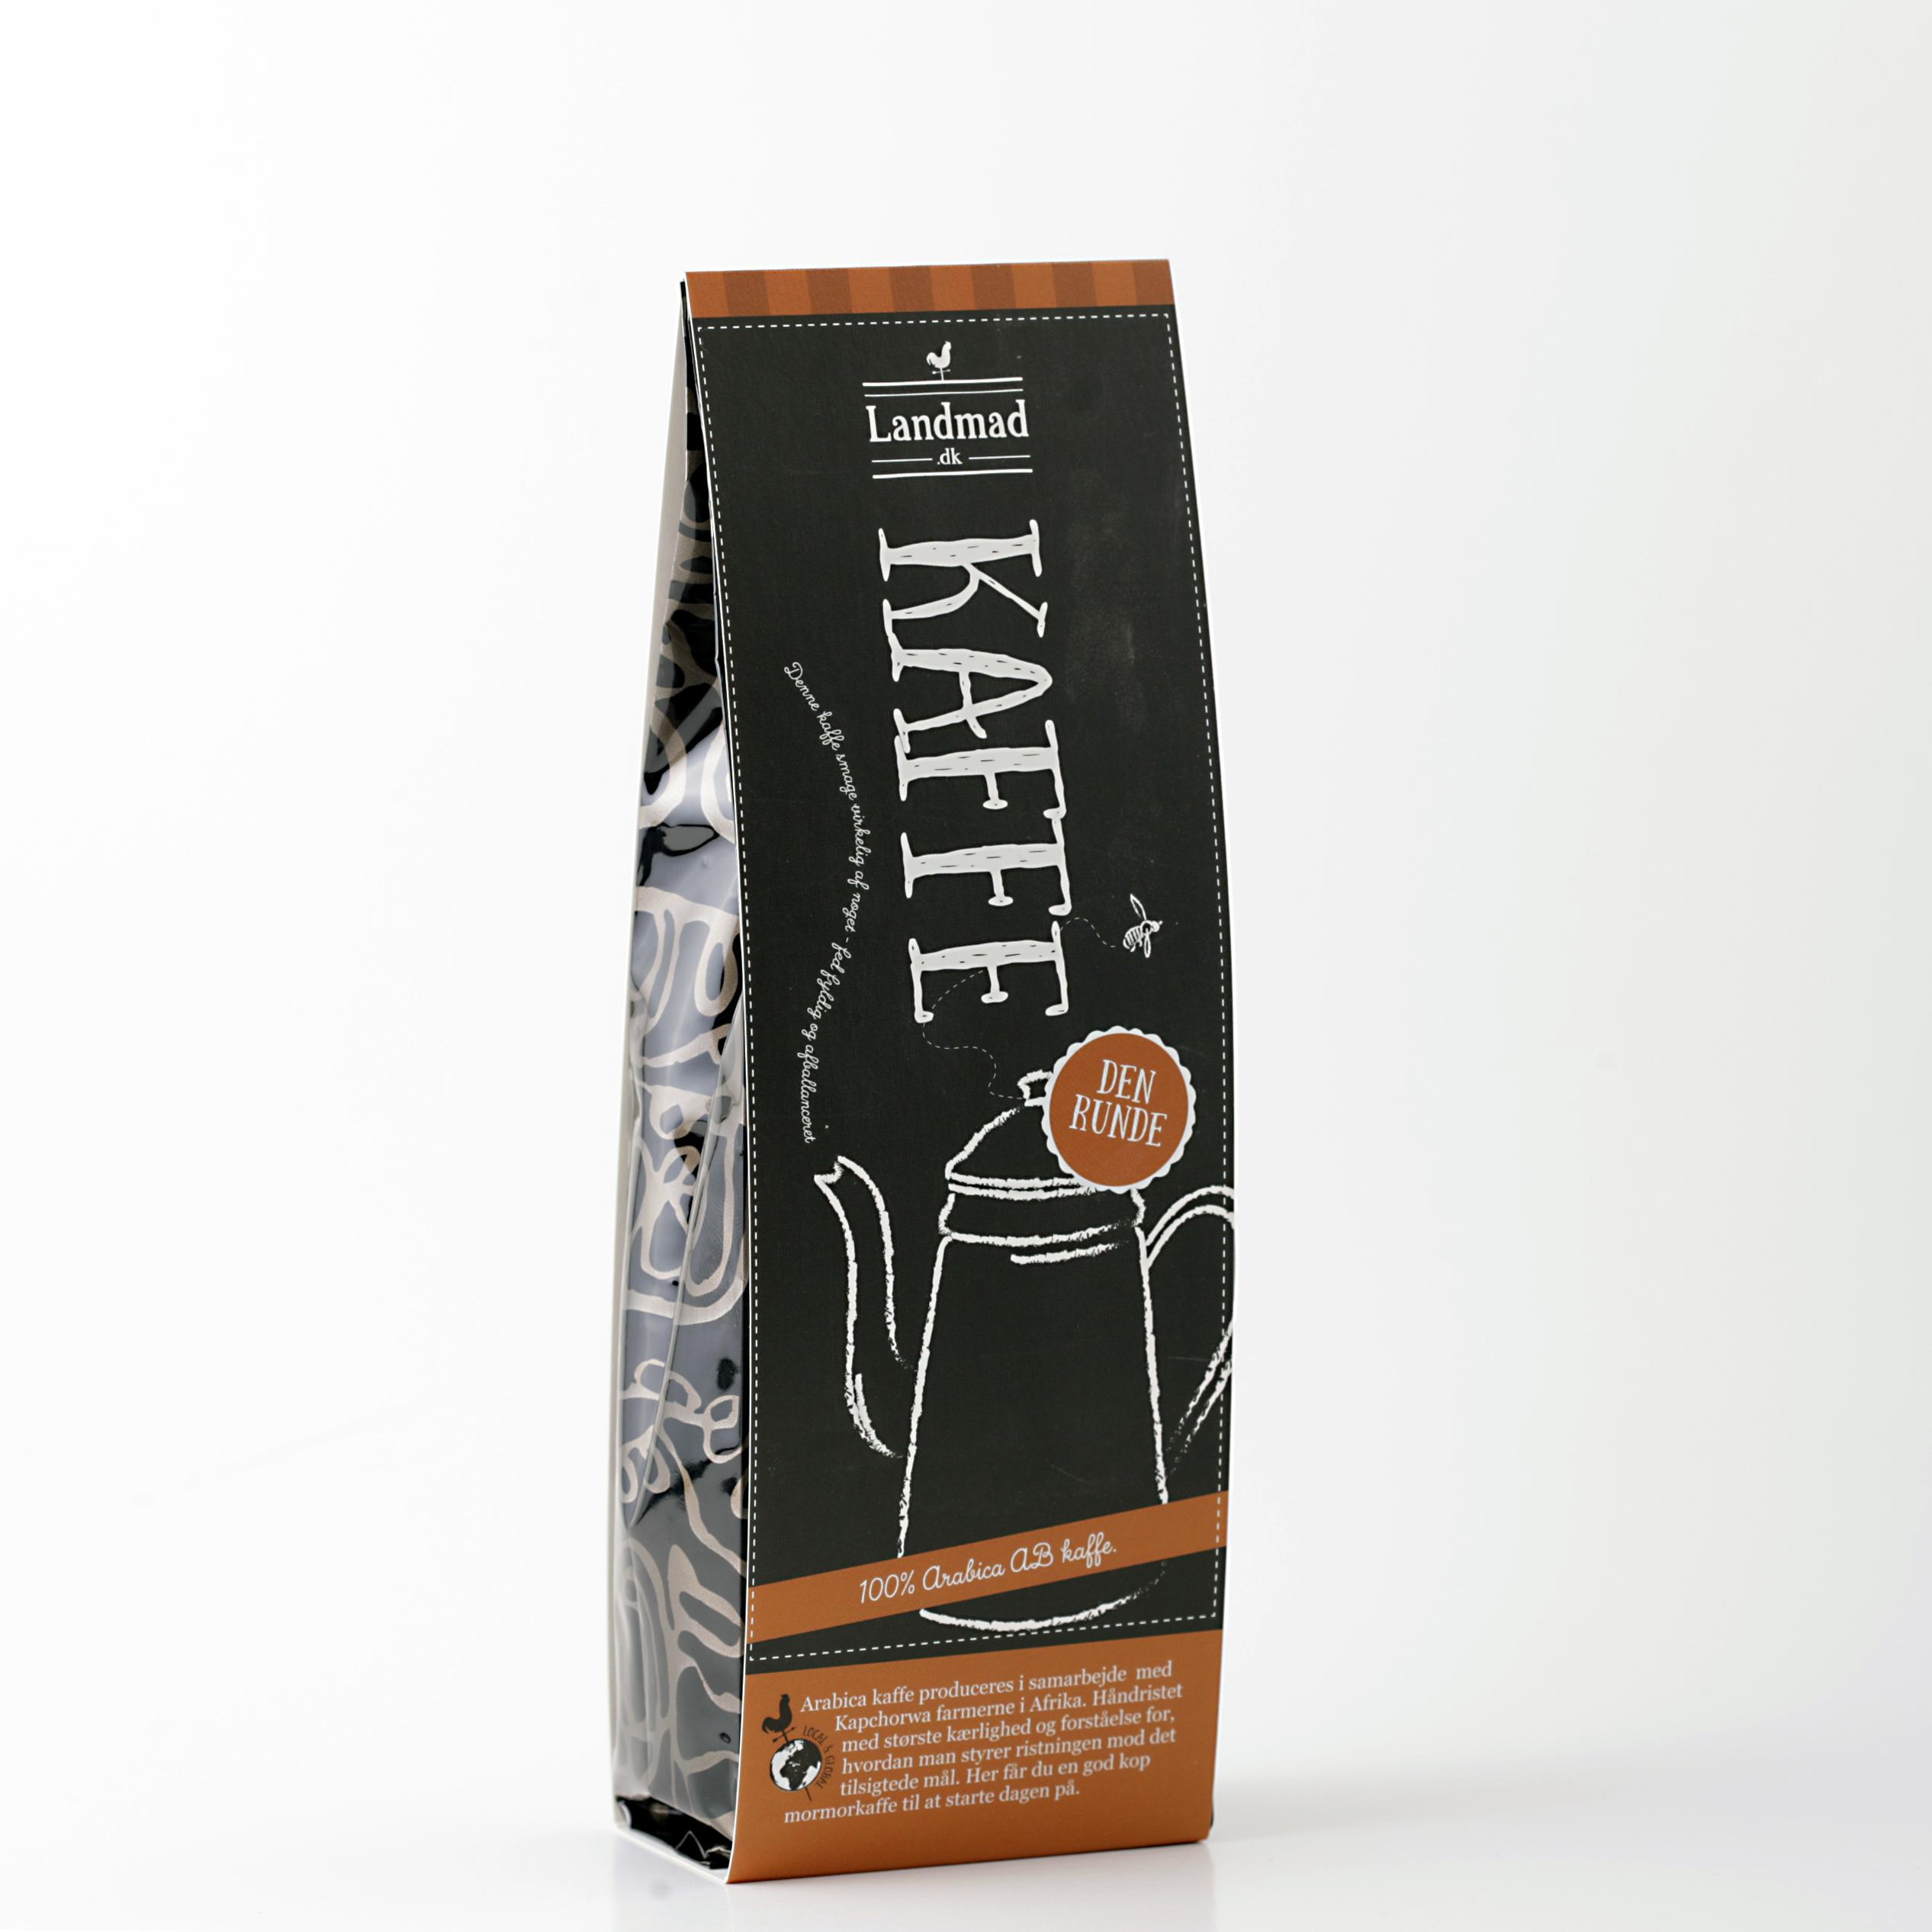 Kaffe produceret til Landmad butikkerne